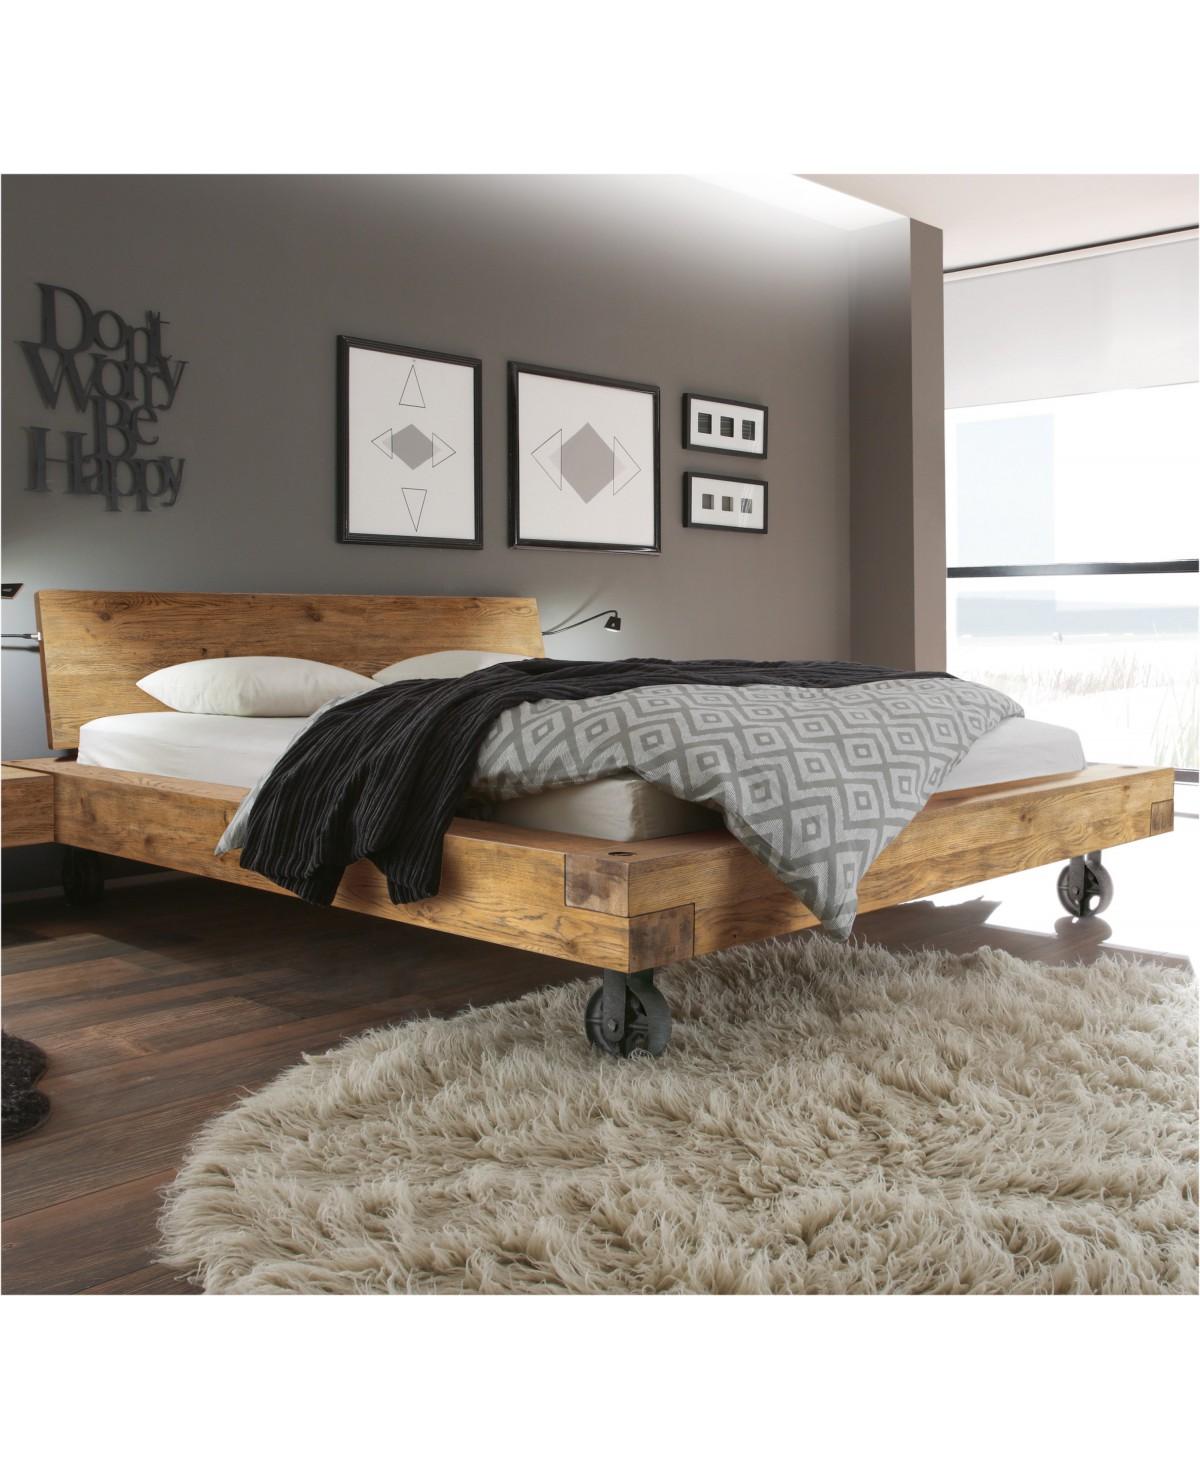 Full Size of Bett Vintage Hasena Oak Balkenbett Kopfteil Sion Fe Road 180x200 Betten überlänge Weiß Mit Schubladen 140x200 Stauraum 90x200 Weißes Für Teenager Massiv Bett Bett Vintage